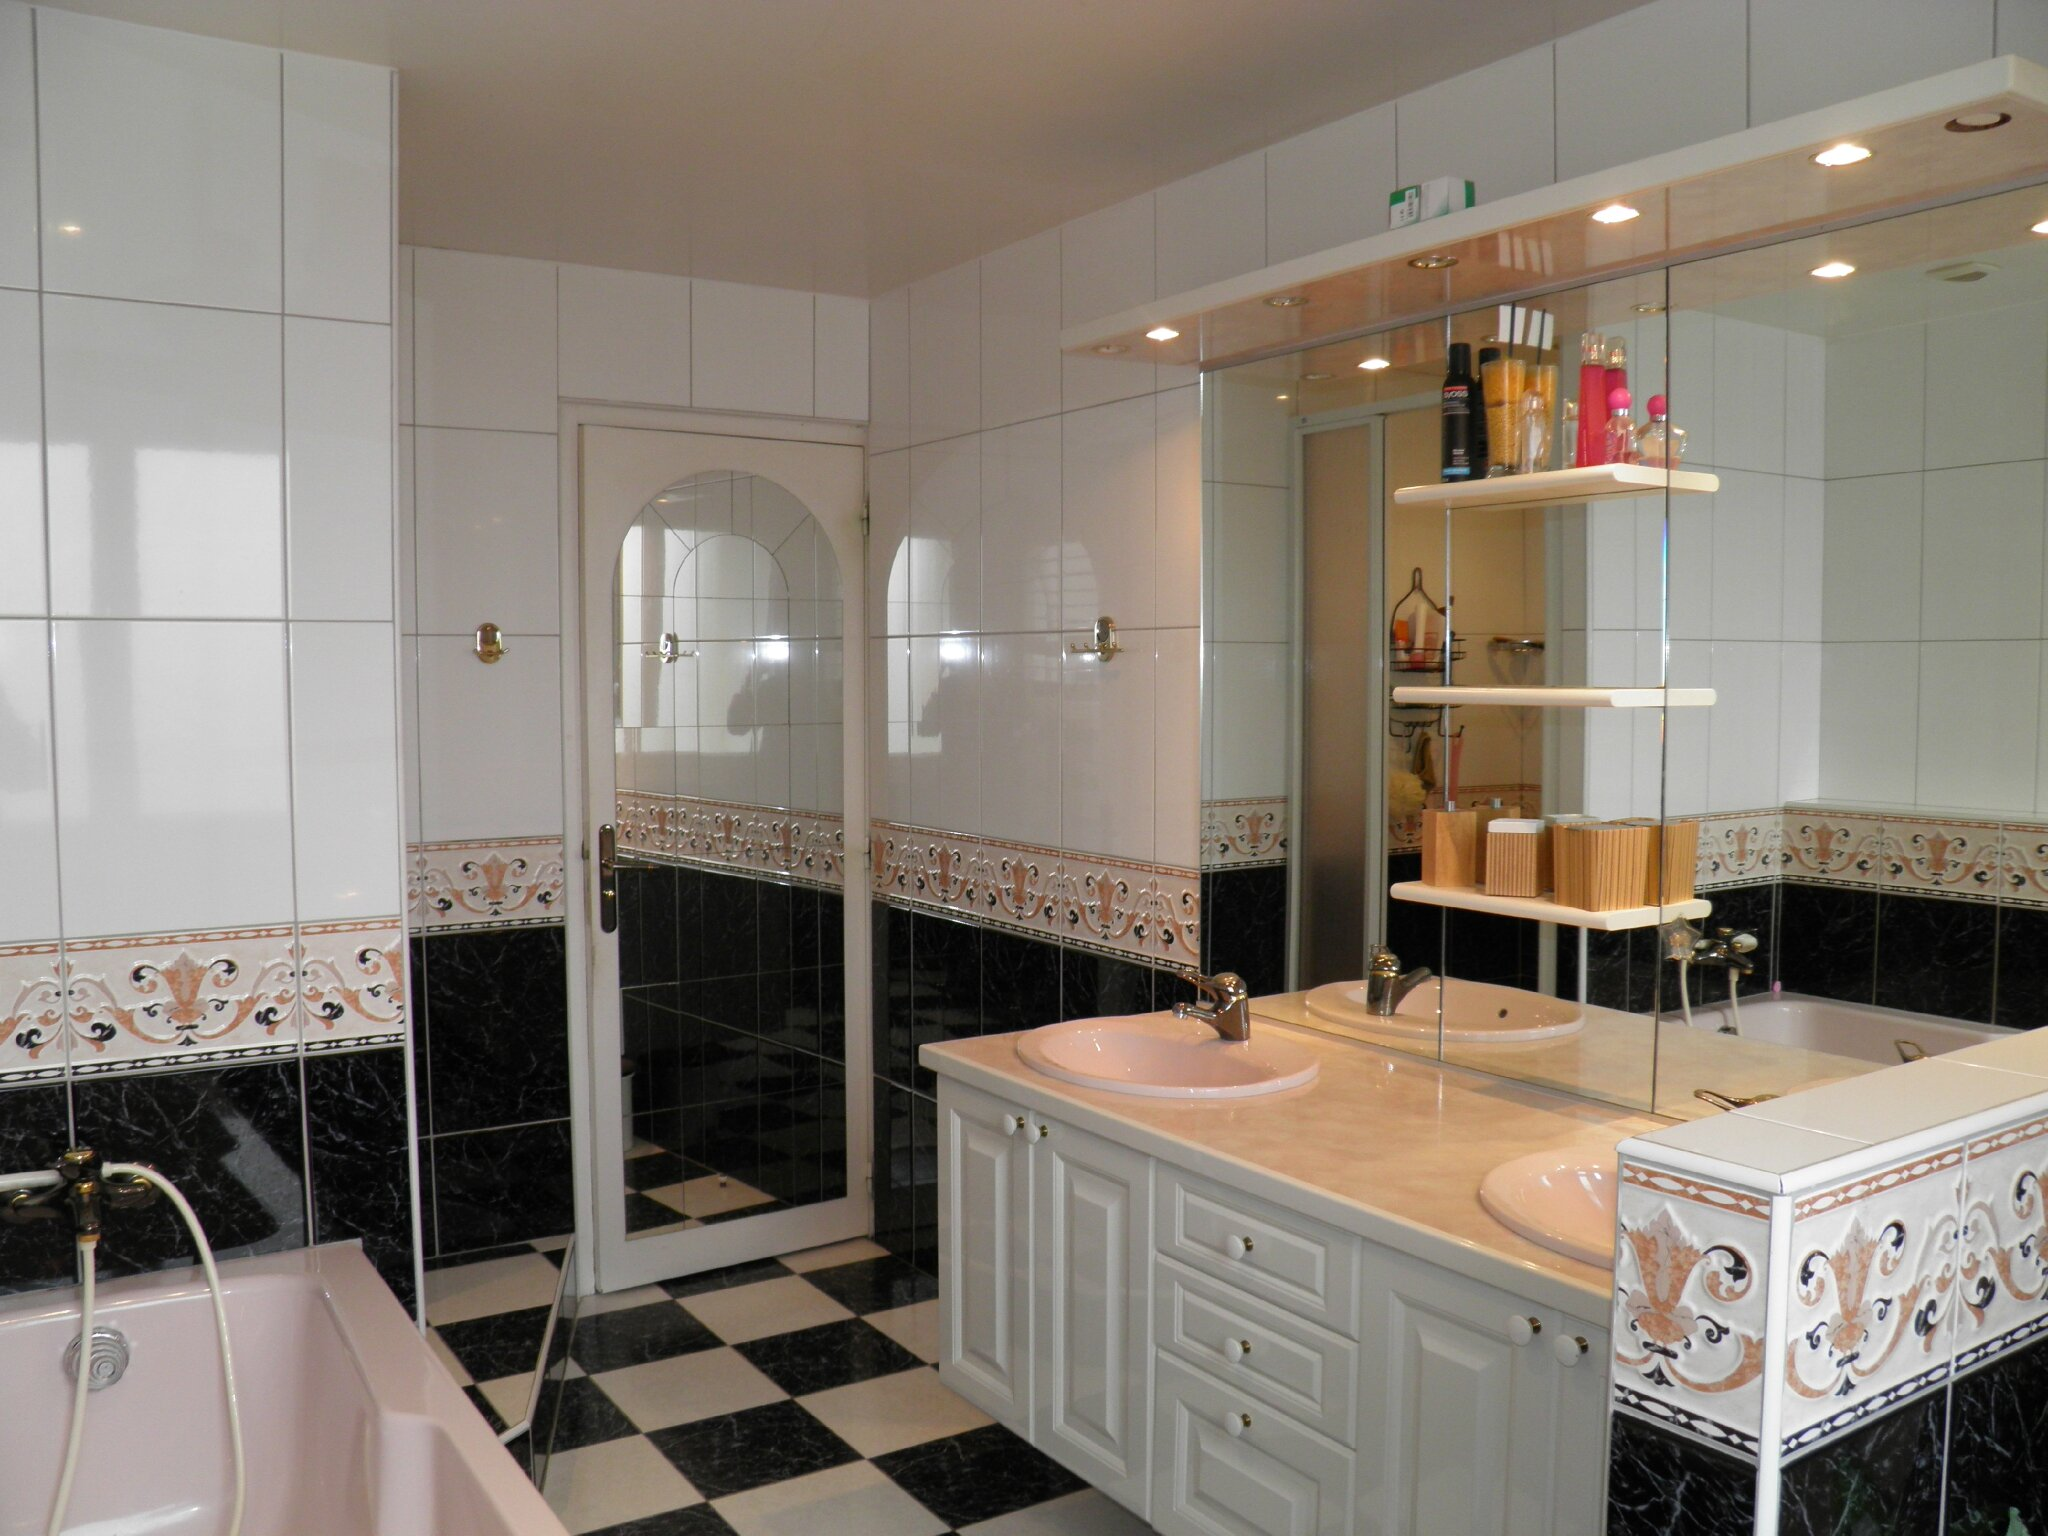 Salle de bain avec douche baignoire wc et deux vasques Modele salle de bain avec baignoire